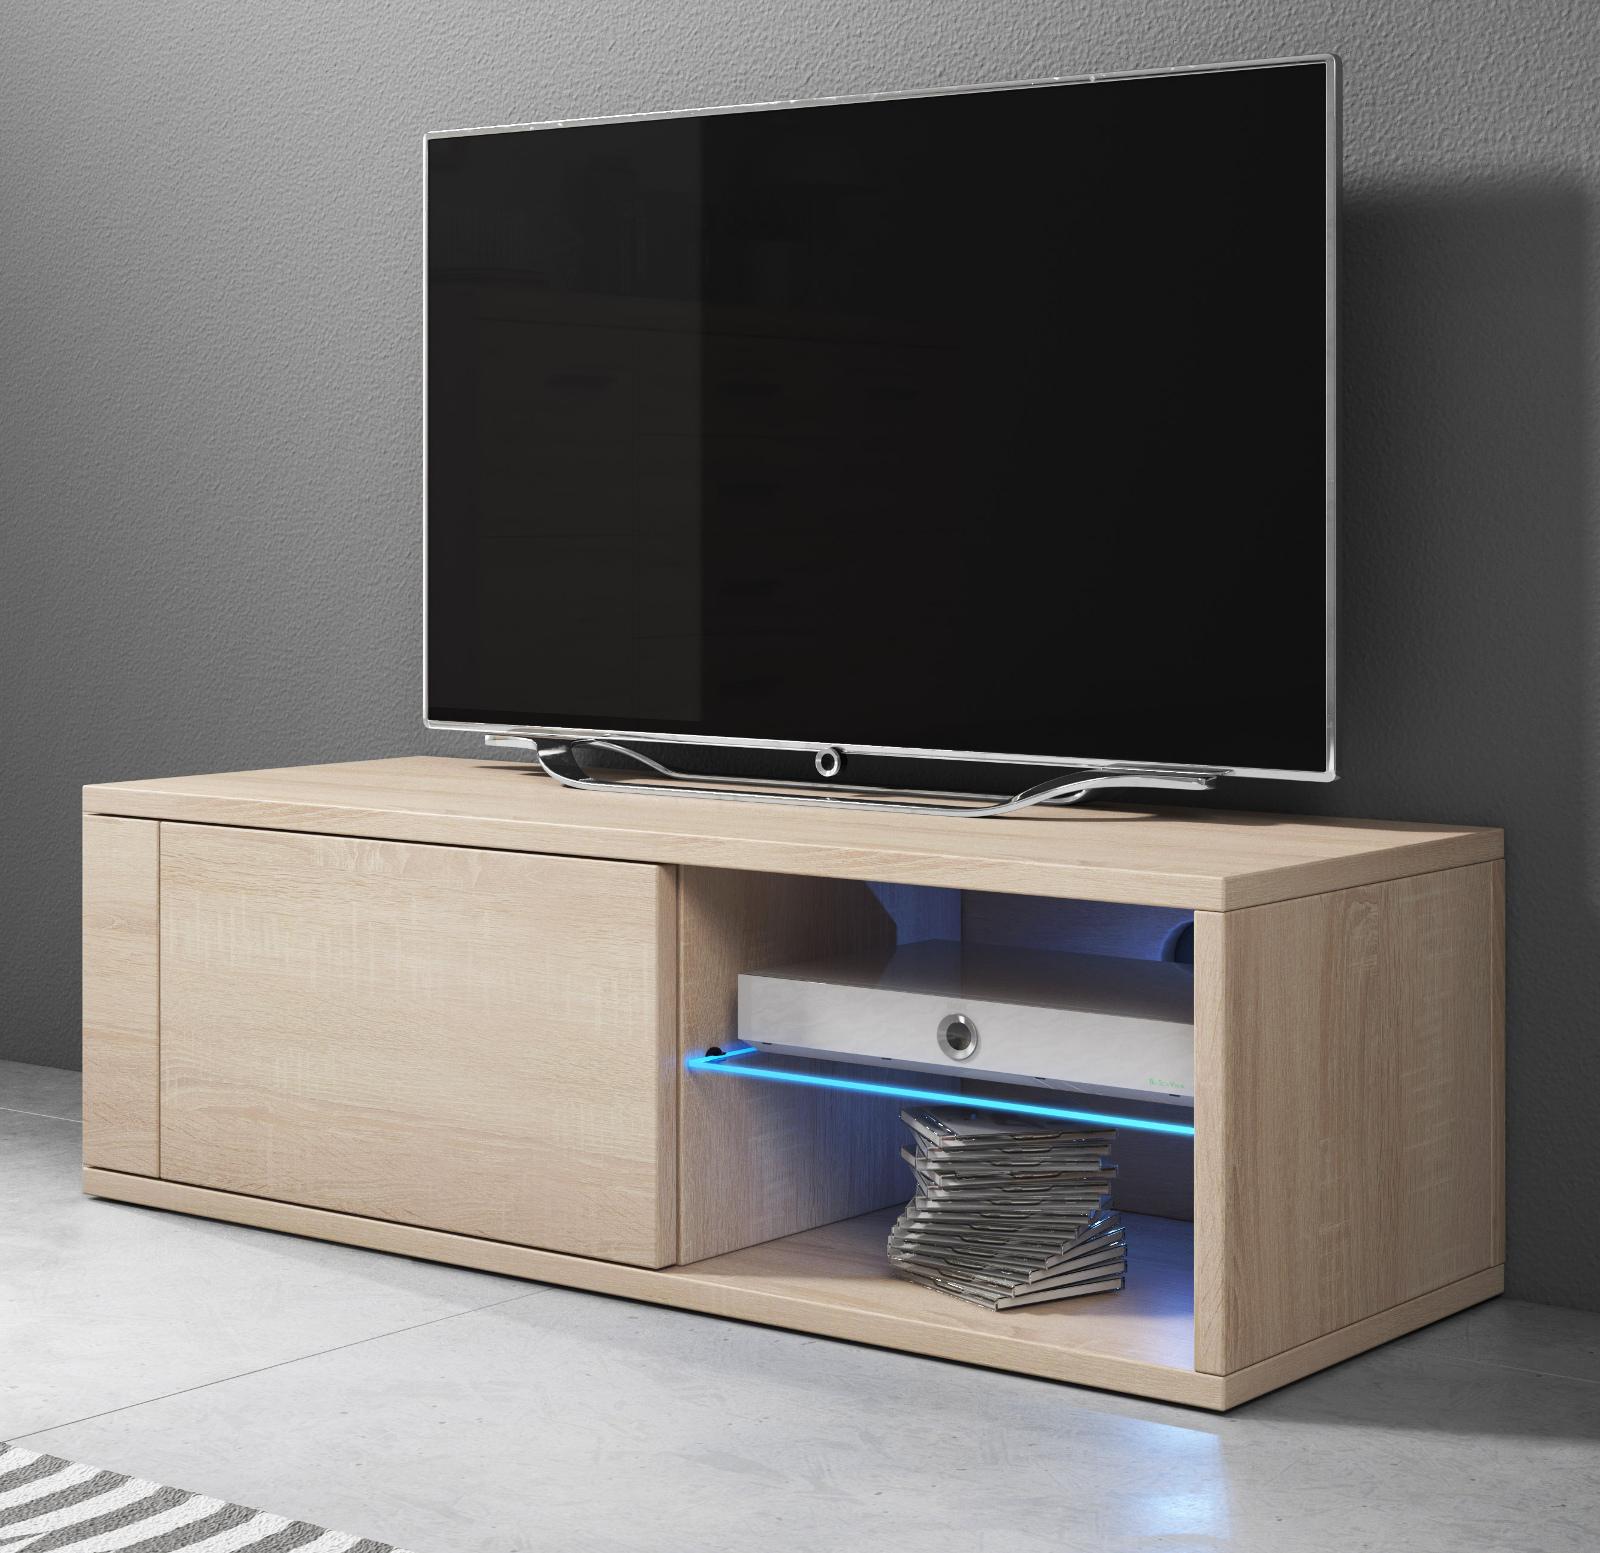 Büromöbel Schreibtisch in vier Dekoren Logo20 - Designermöbel ...